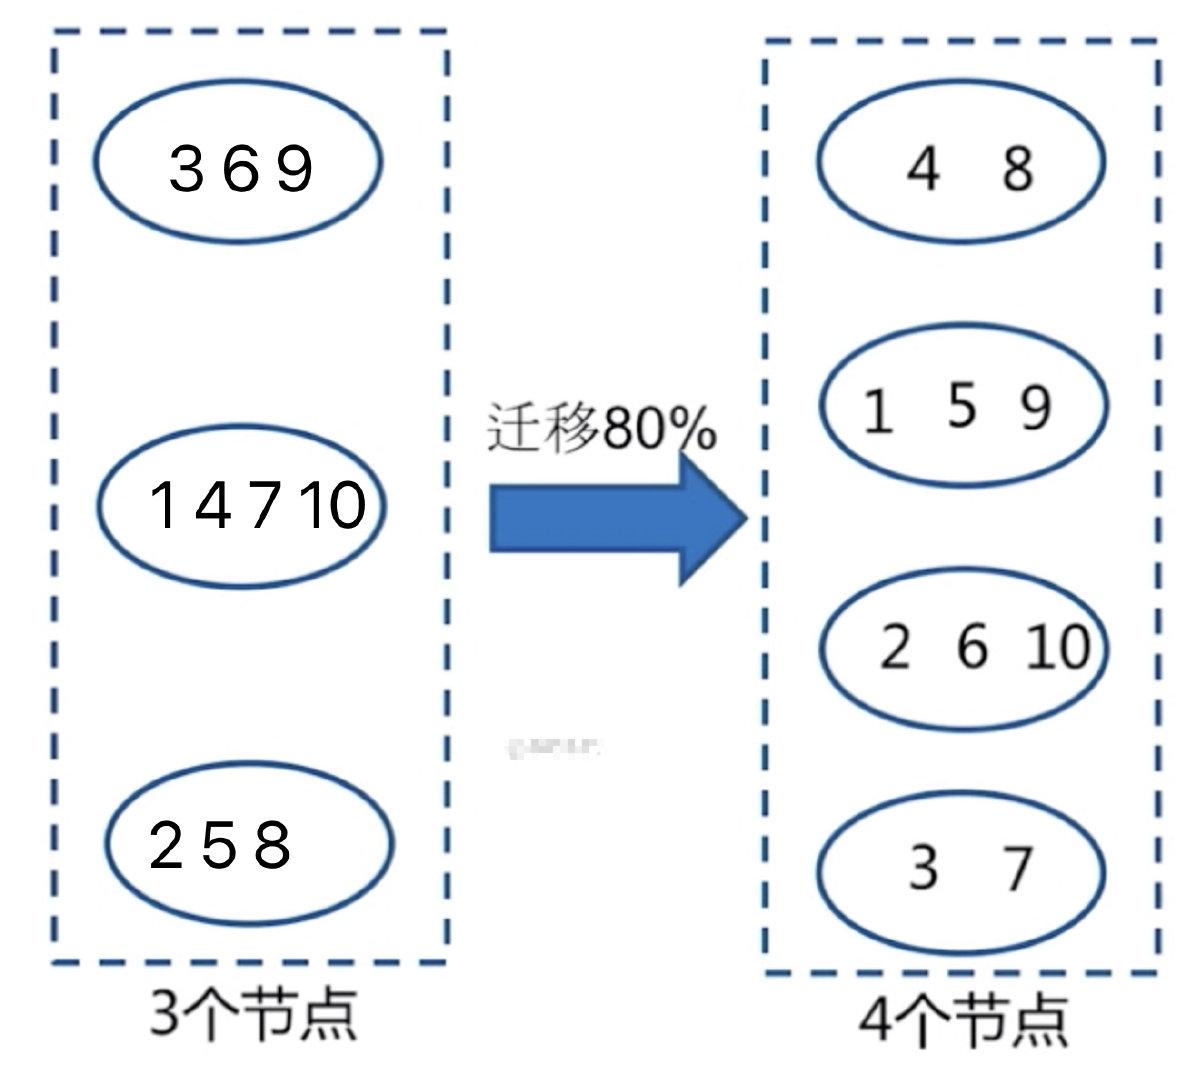 image-20200811120704296